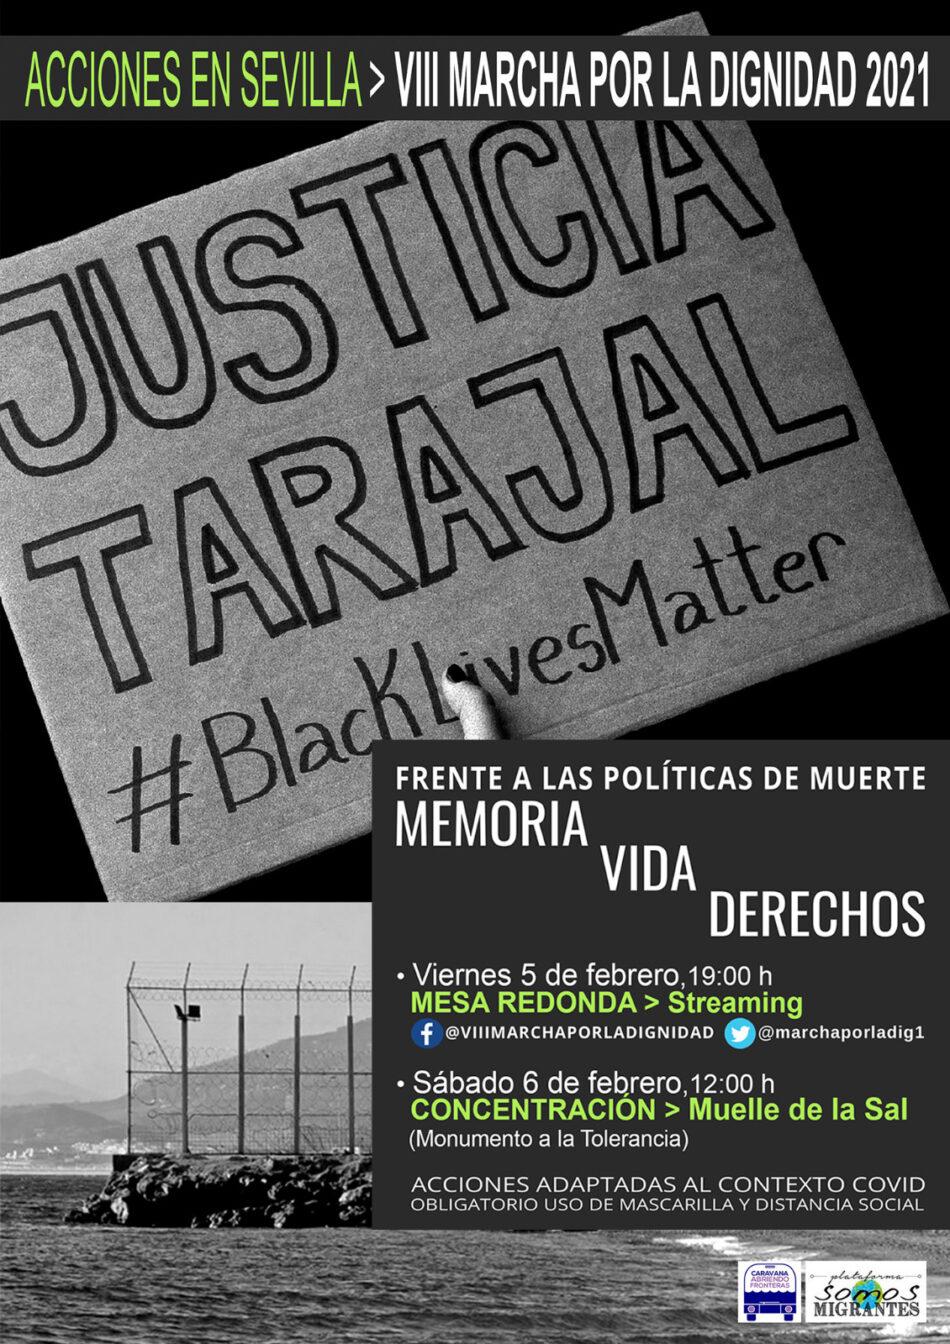 VIII Marcha por la Dignidad en Sevilla el 6 de febrero: «Tarajal, no olvidamos»